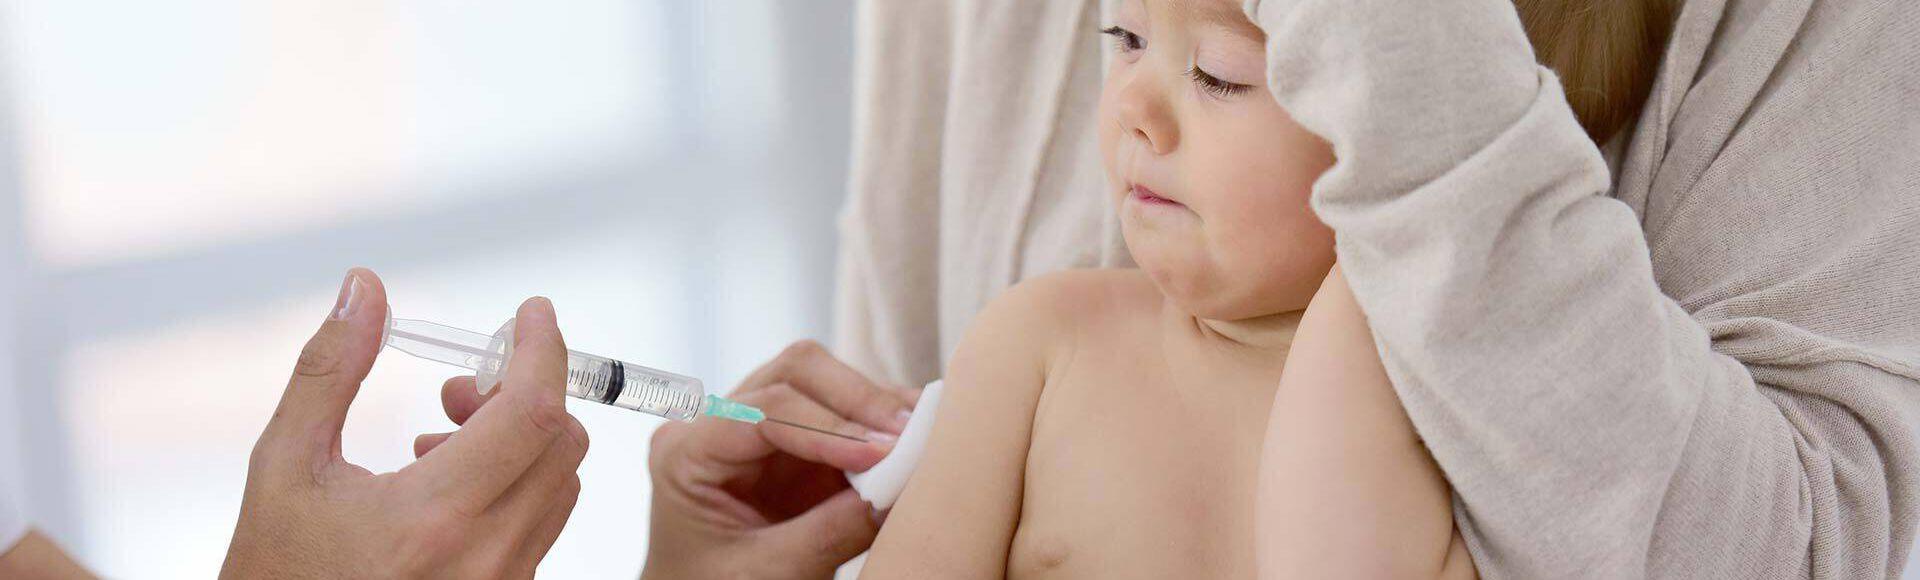 Vacunas que deben aplicarle a los niños